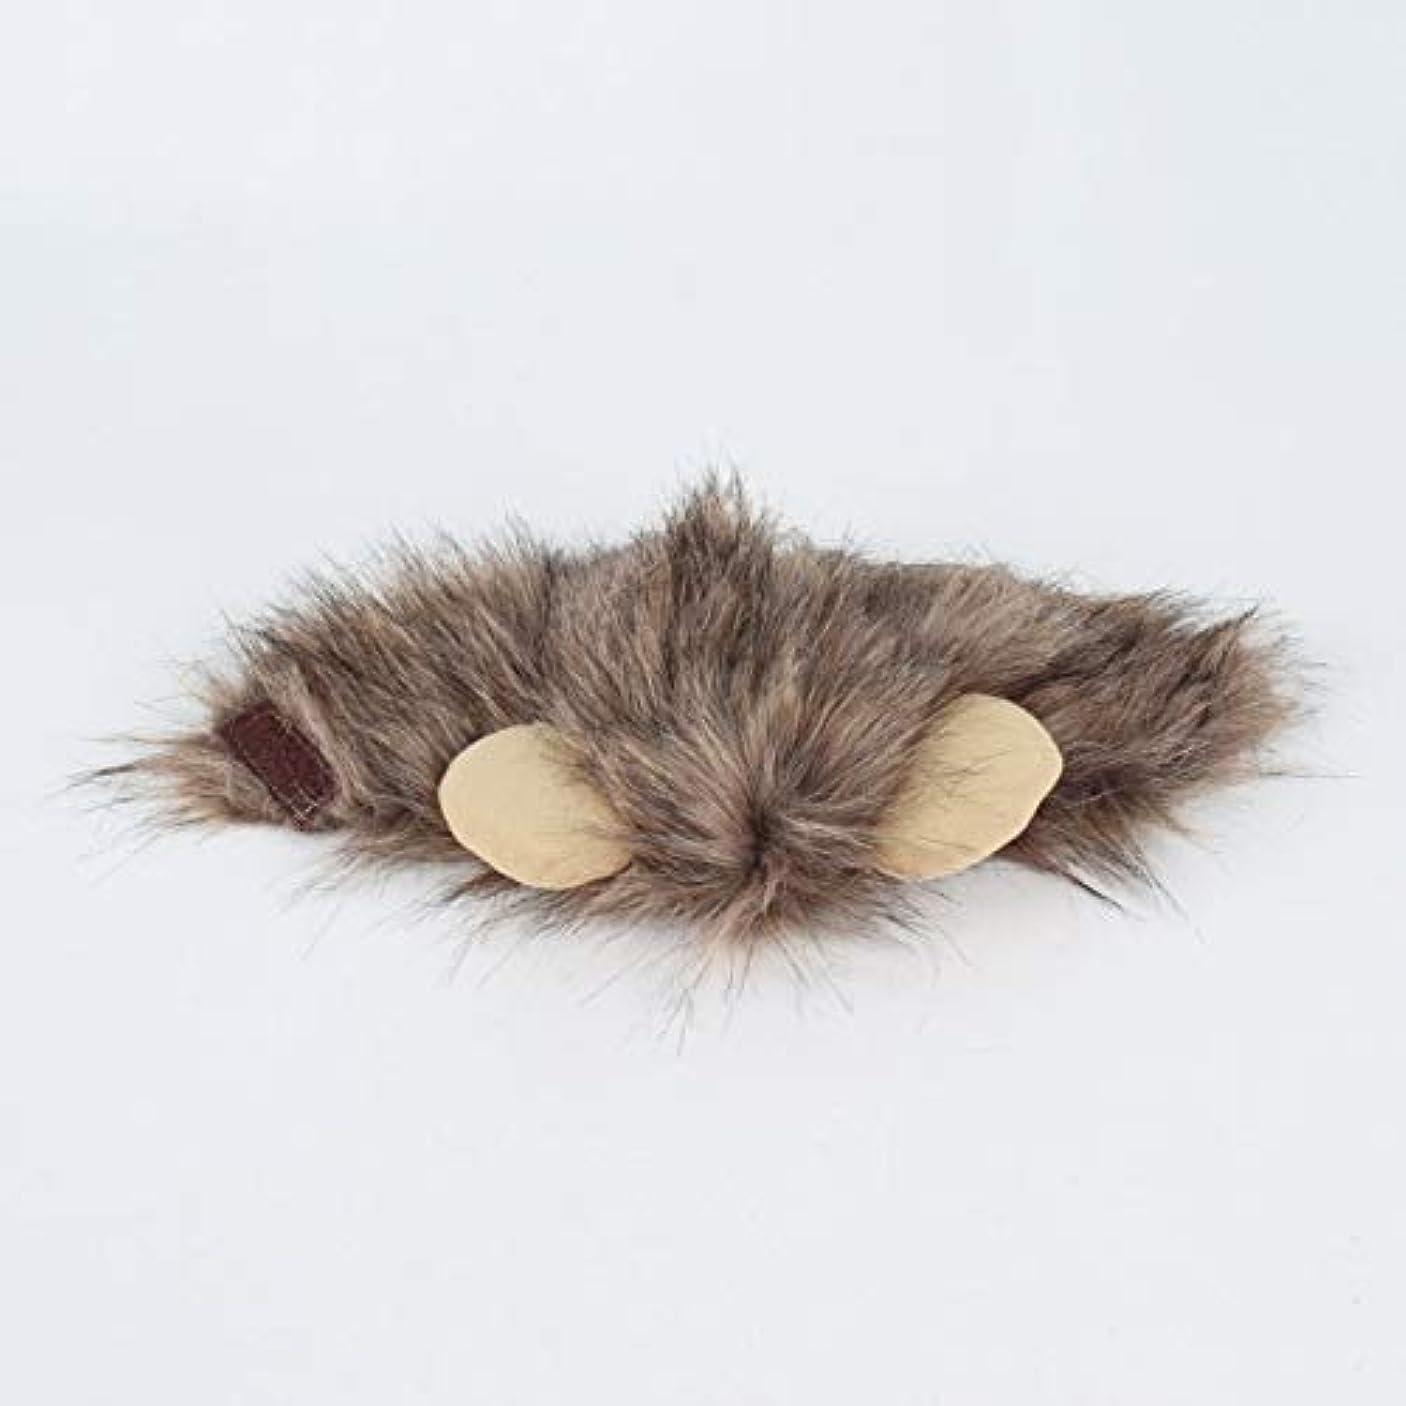 ビンベース失望Saikogoods おかしいかわいいペットキャップコスプレライオンの形の帽子後背位キティライオンハット快適なキャットハットソフト子犬ウィッグ通気性のアニマルキャップ 褐色 M